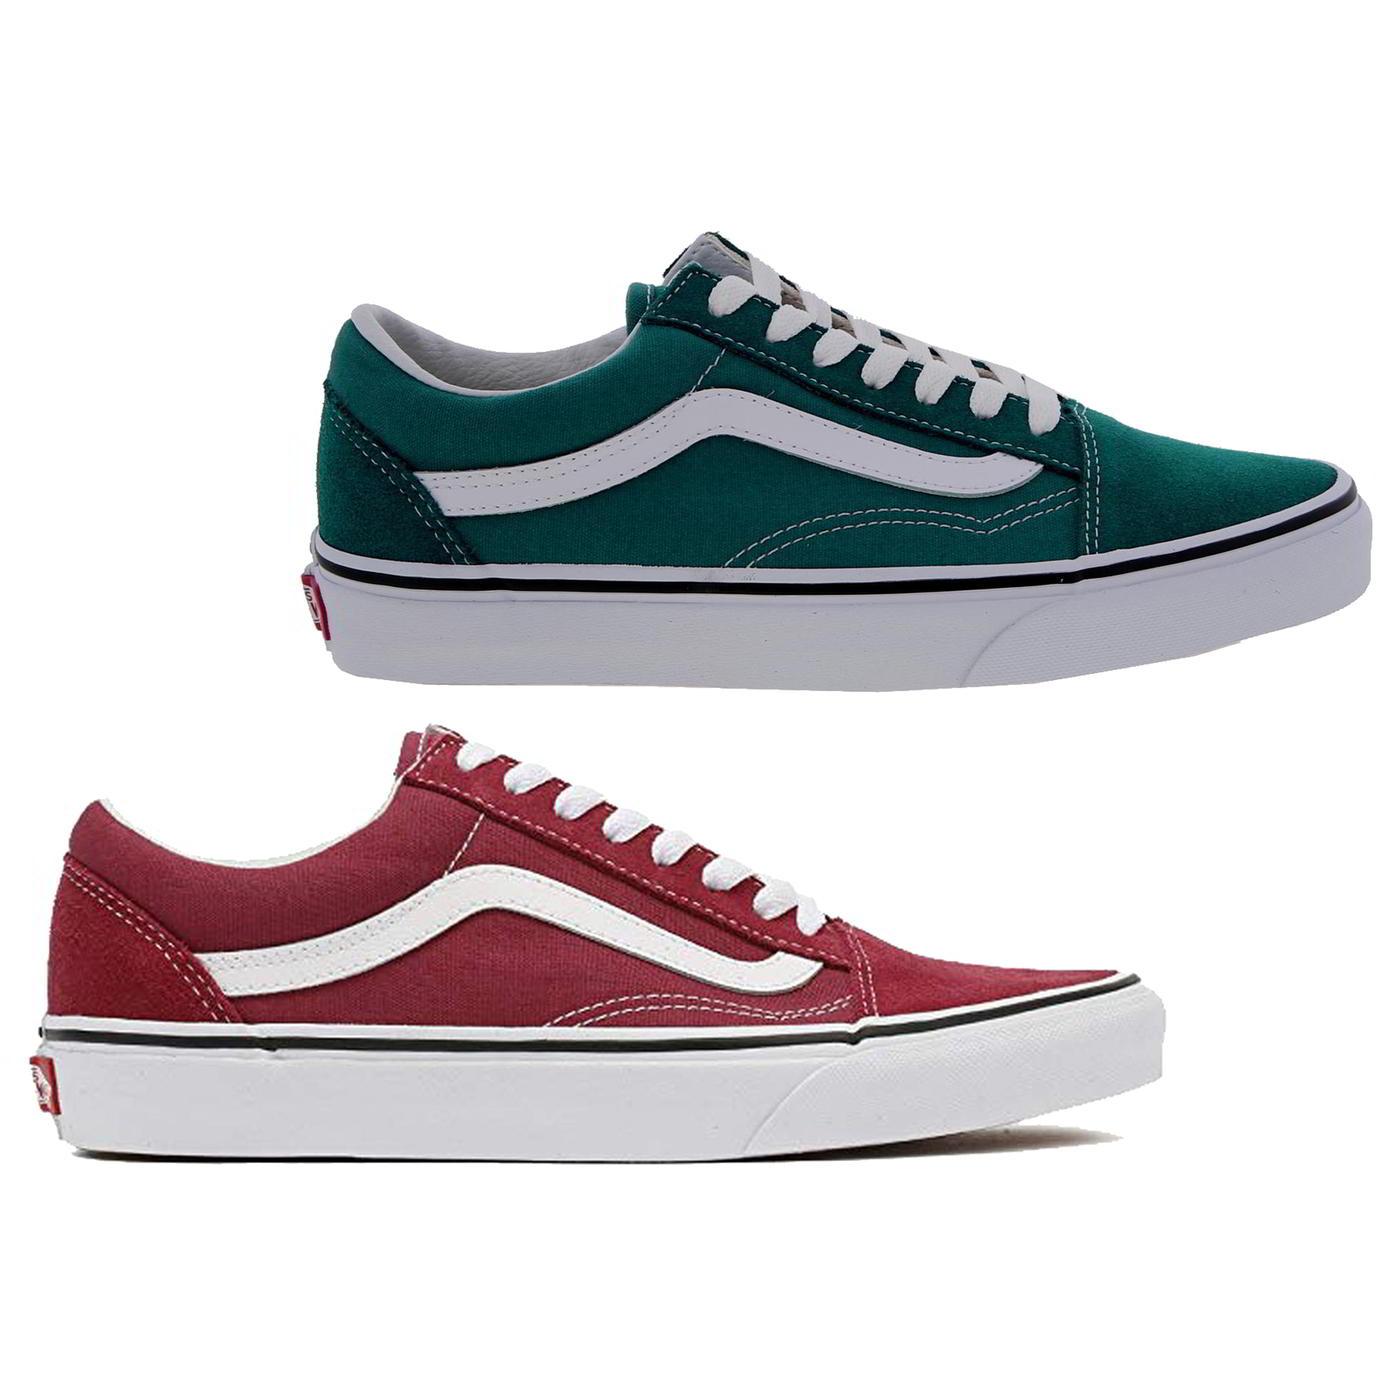 73e23fbb91 Dettagli su Vans Old Skool Sneaker da donna verde e rosso Lacci Scarpe Da  Ginnastica Da Skate Scarpe Misura 4-7- mostra il titolo originale